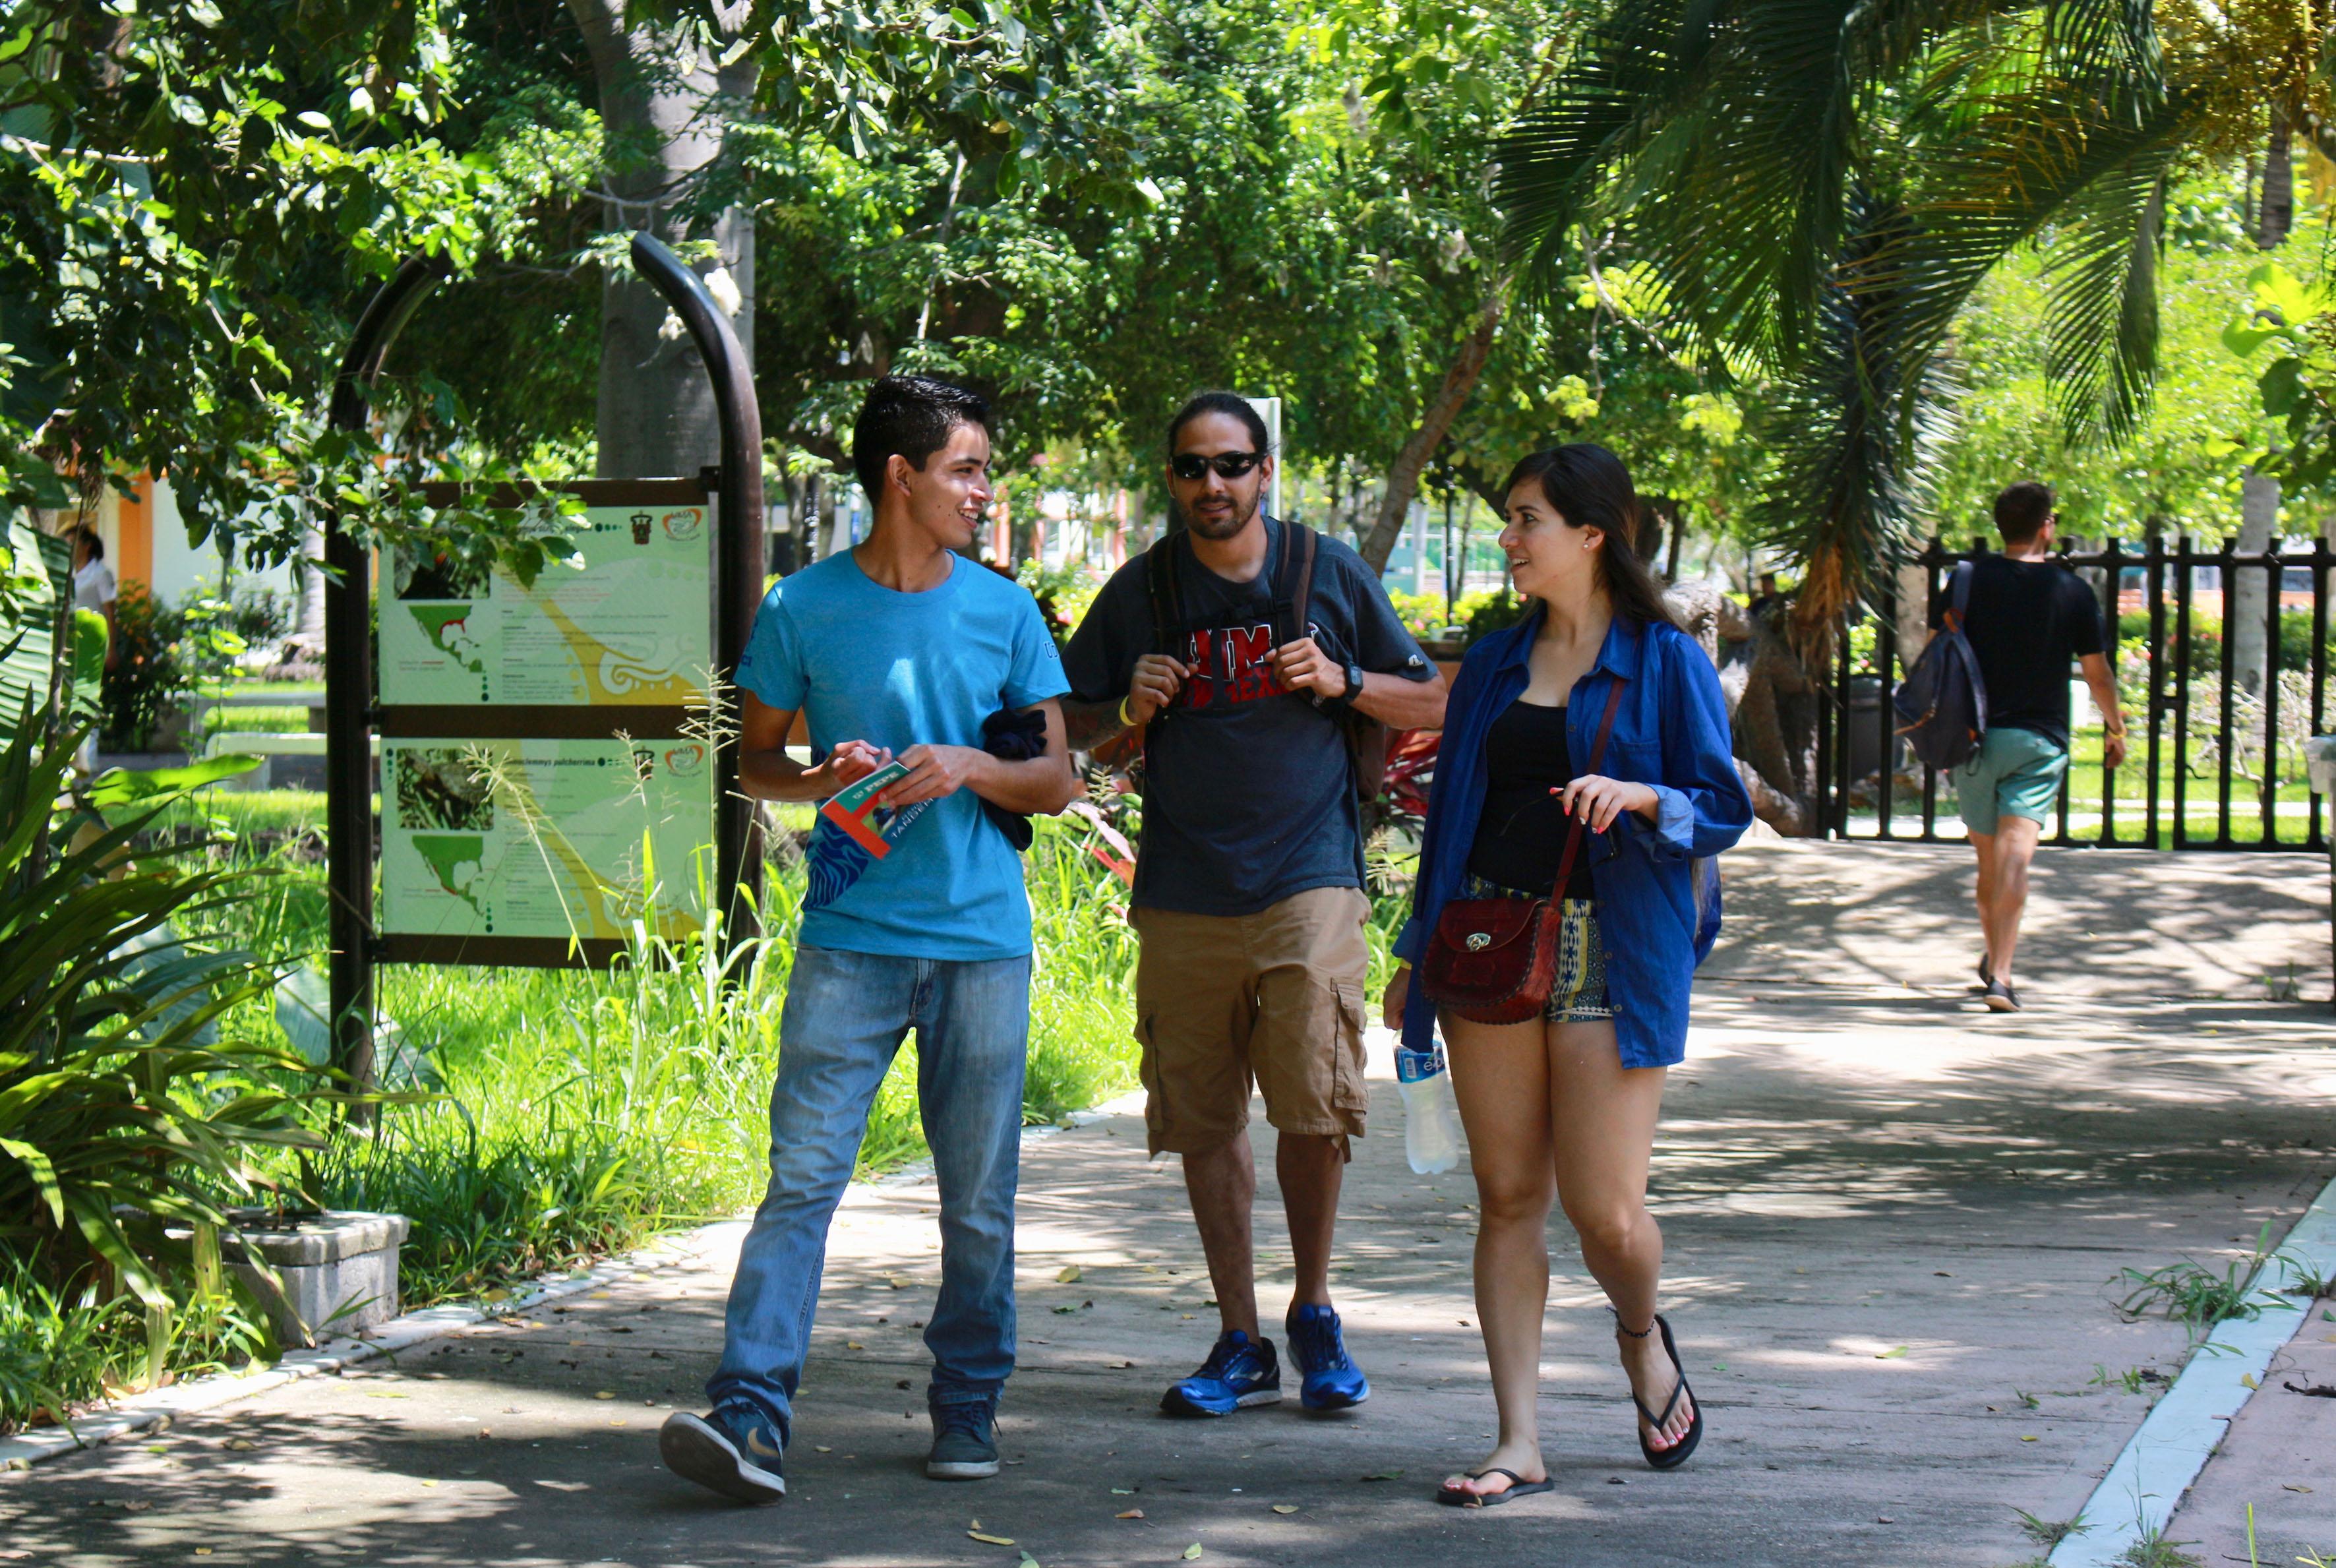 Estudiantes del programa de español para extranjeros del CUCosta, pasando por uno de los pasillos de los exteriores del centro universitario